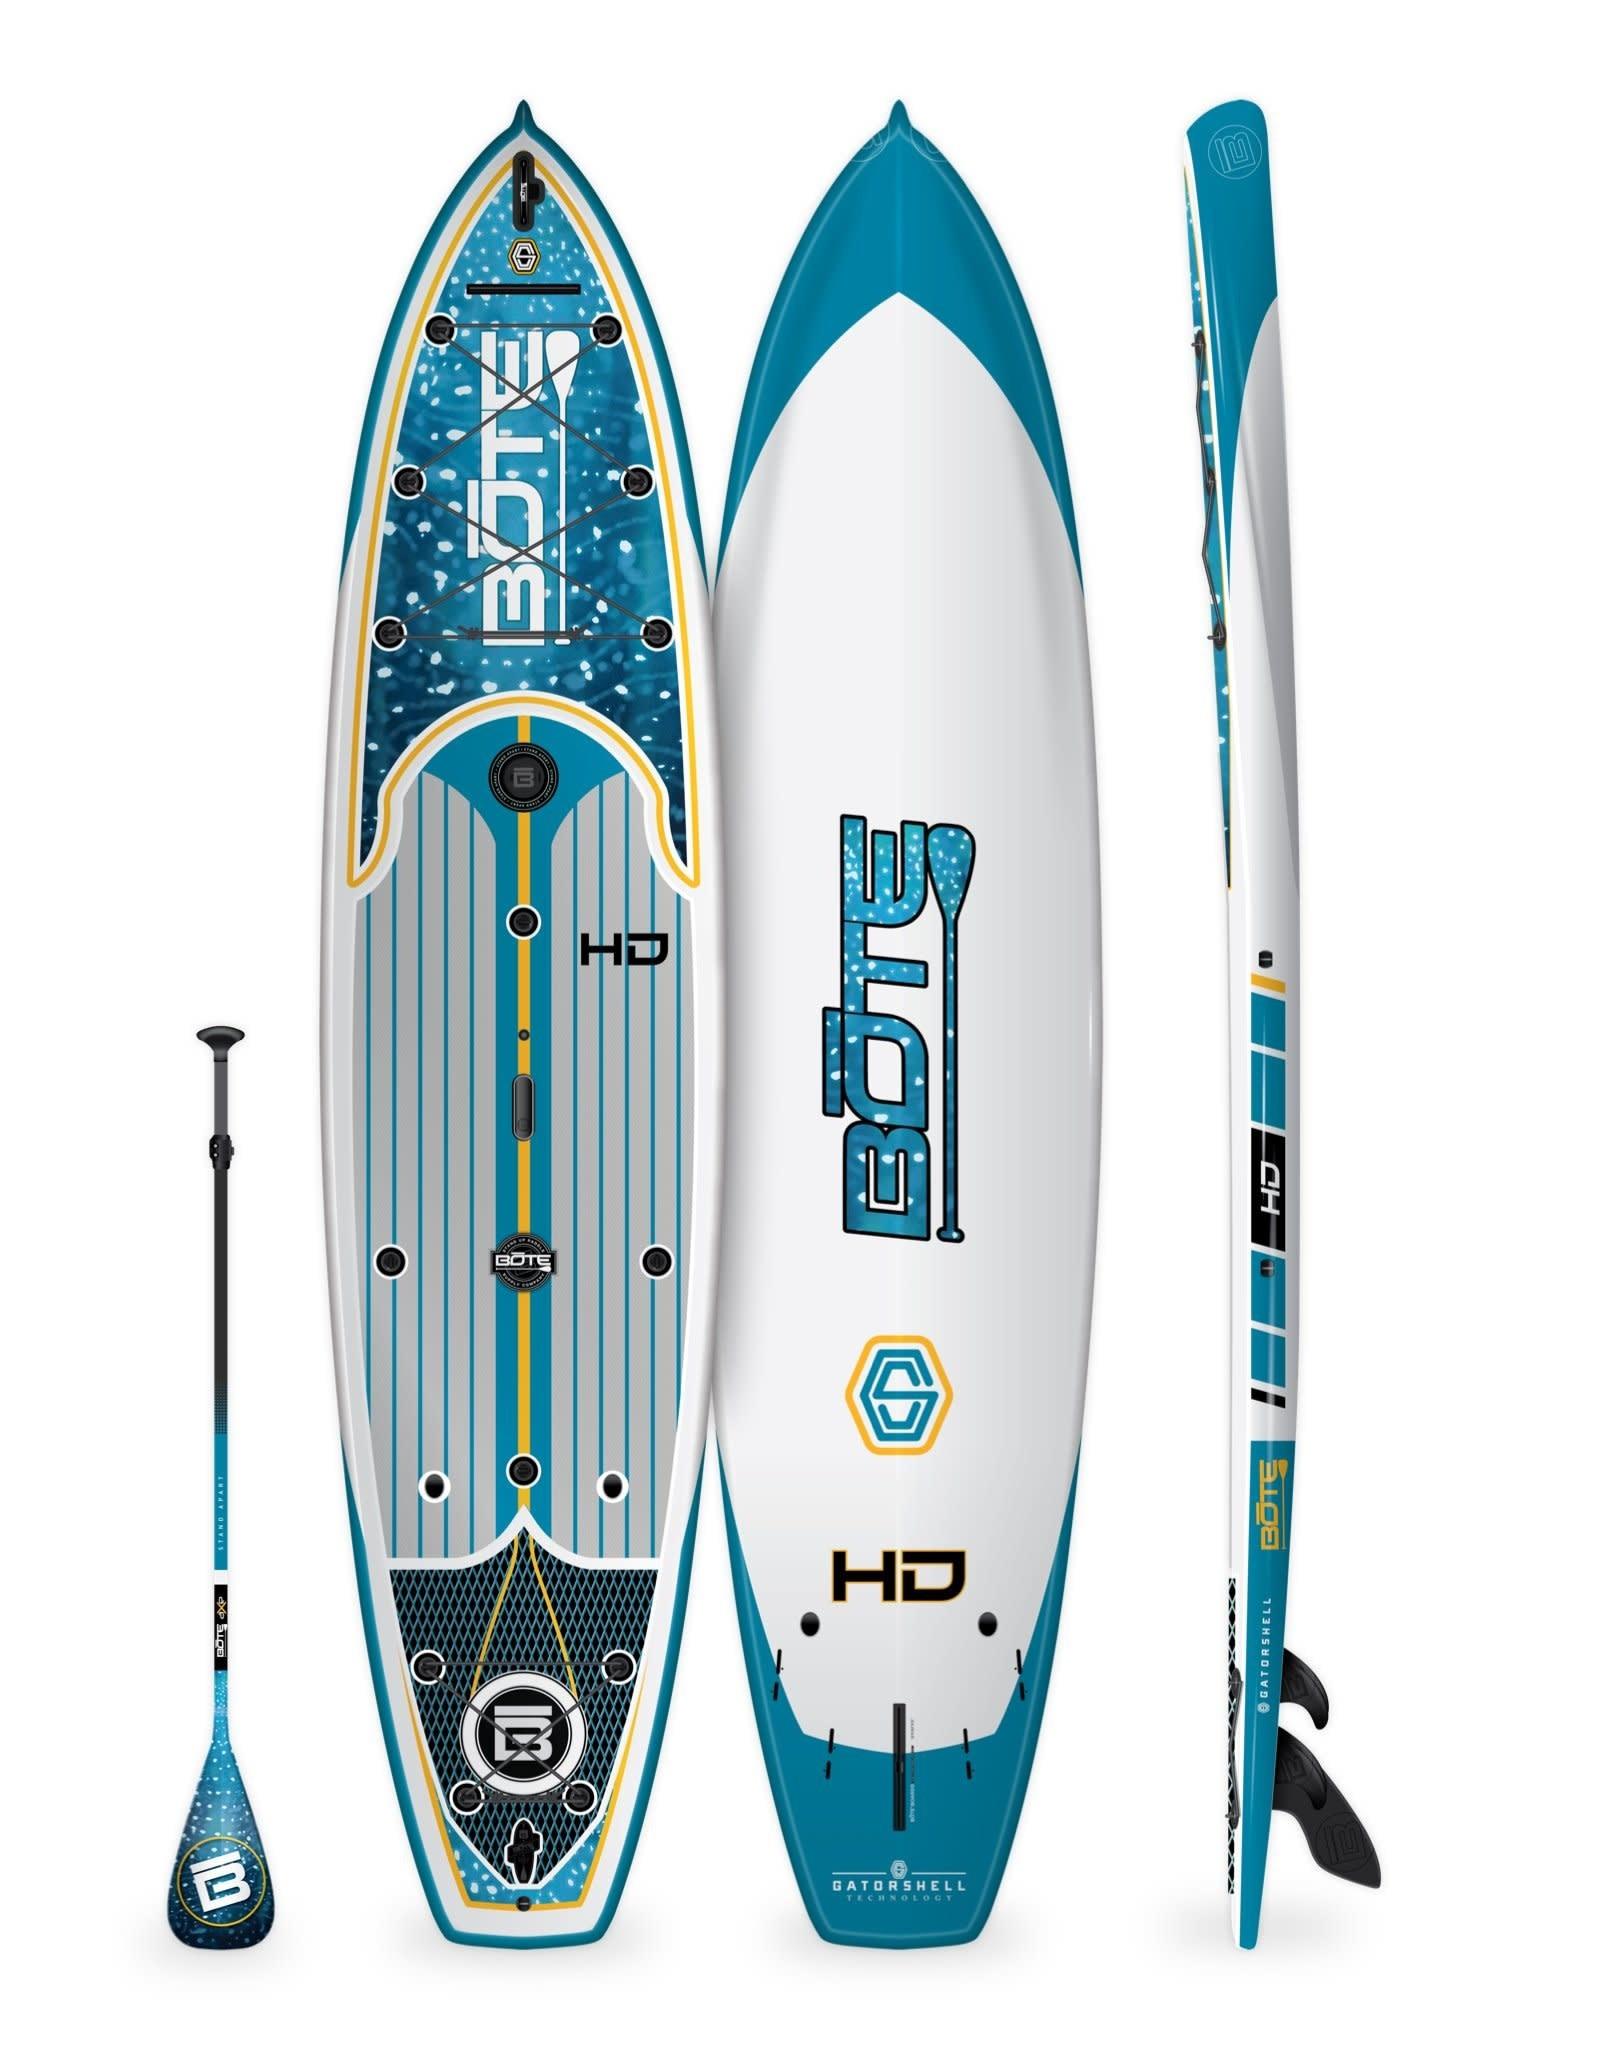 Bote 2021 BOTE 10'6  HD NATIVE WHALE SHARK